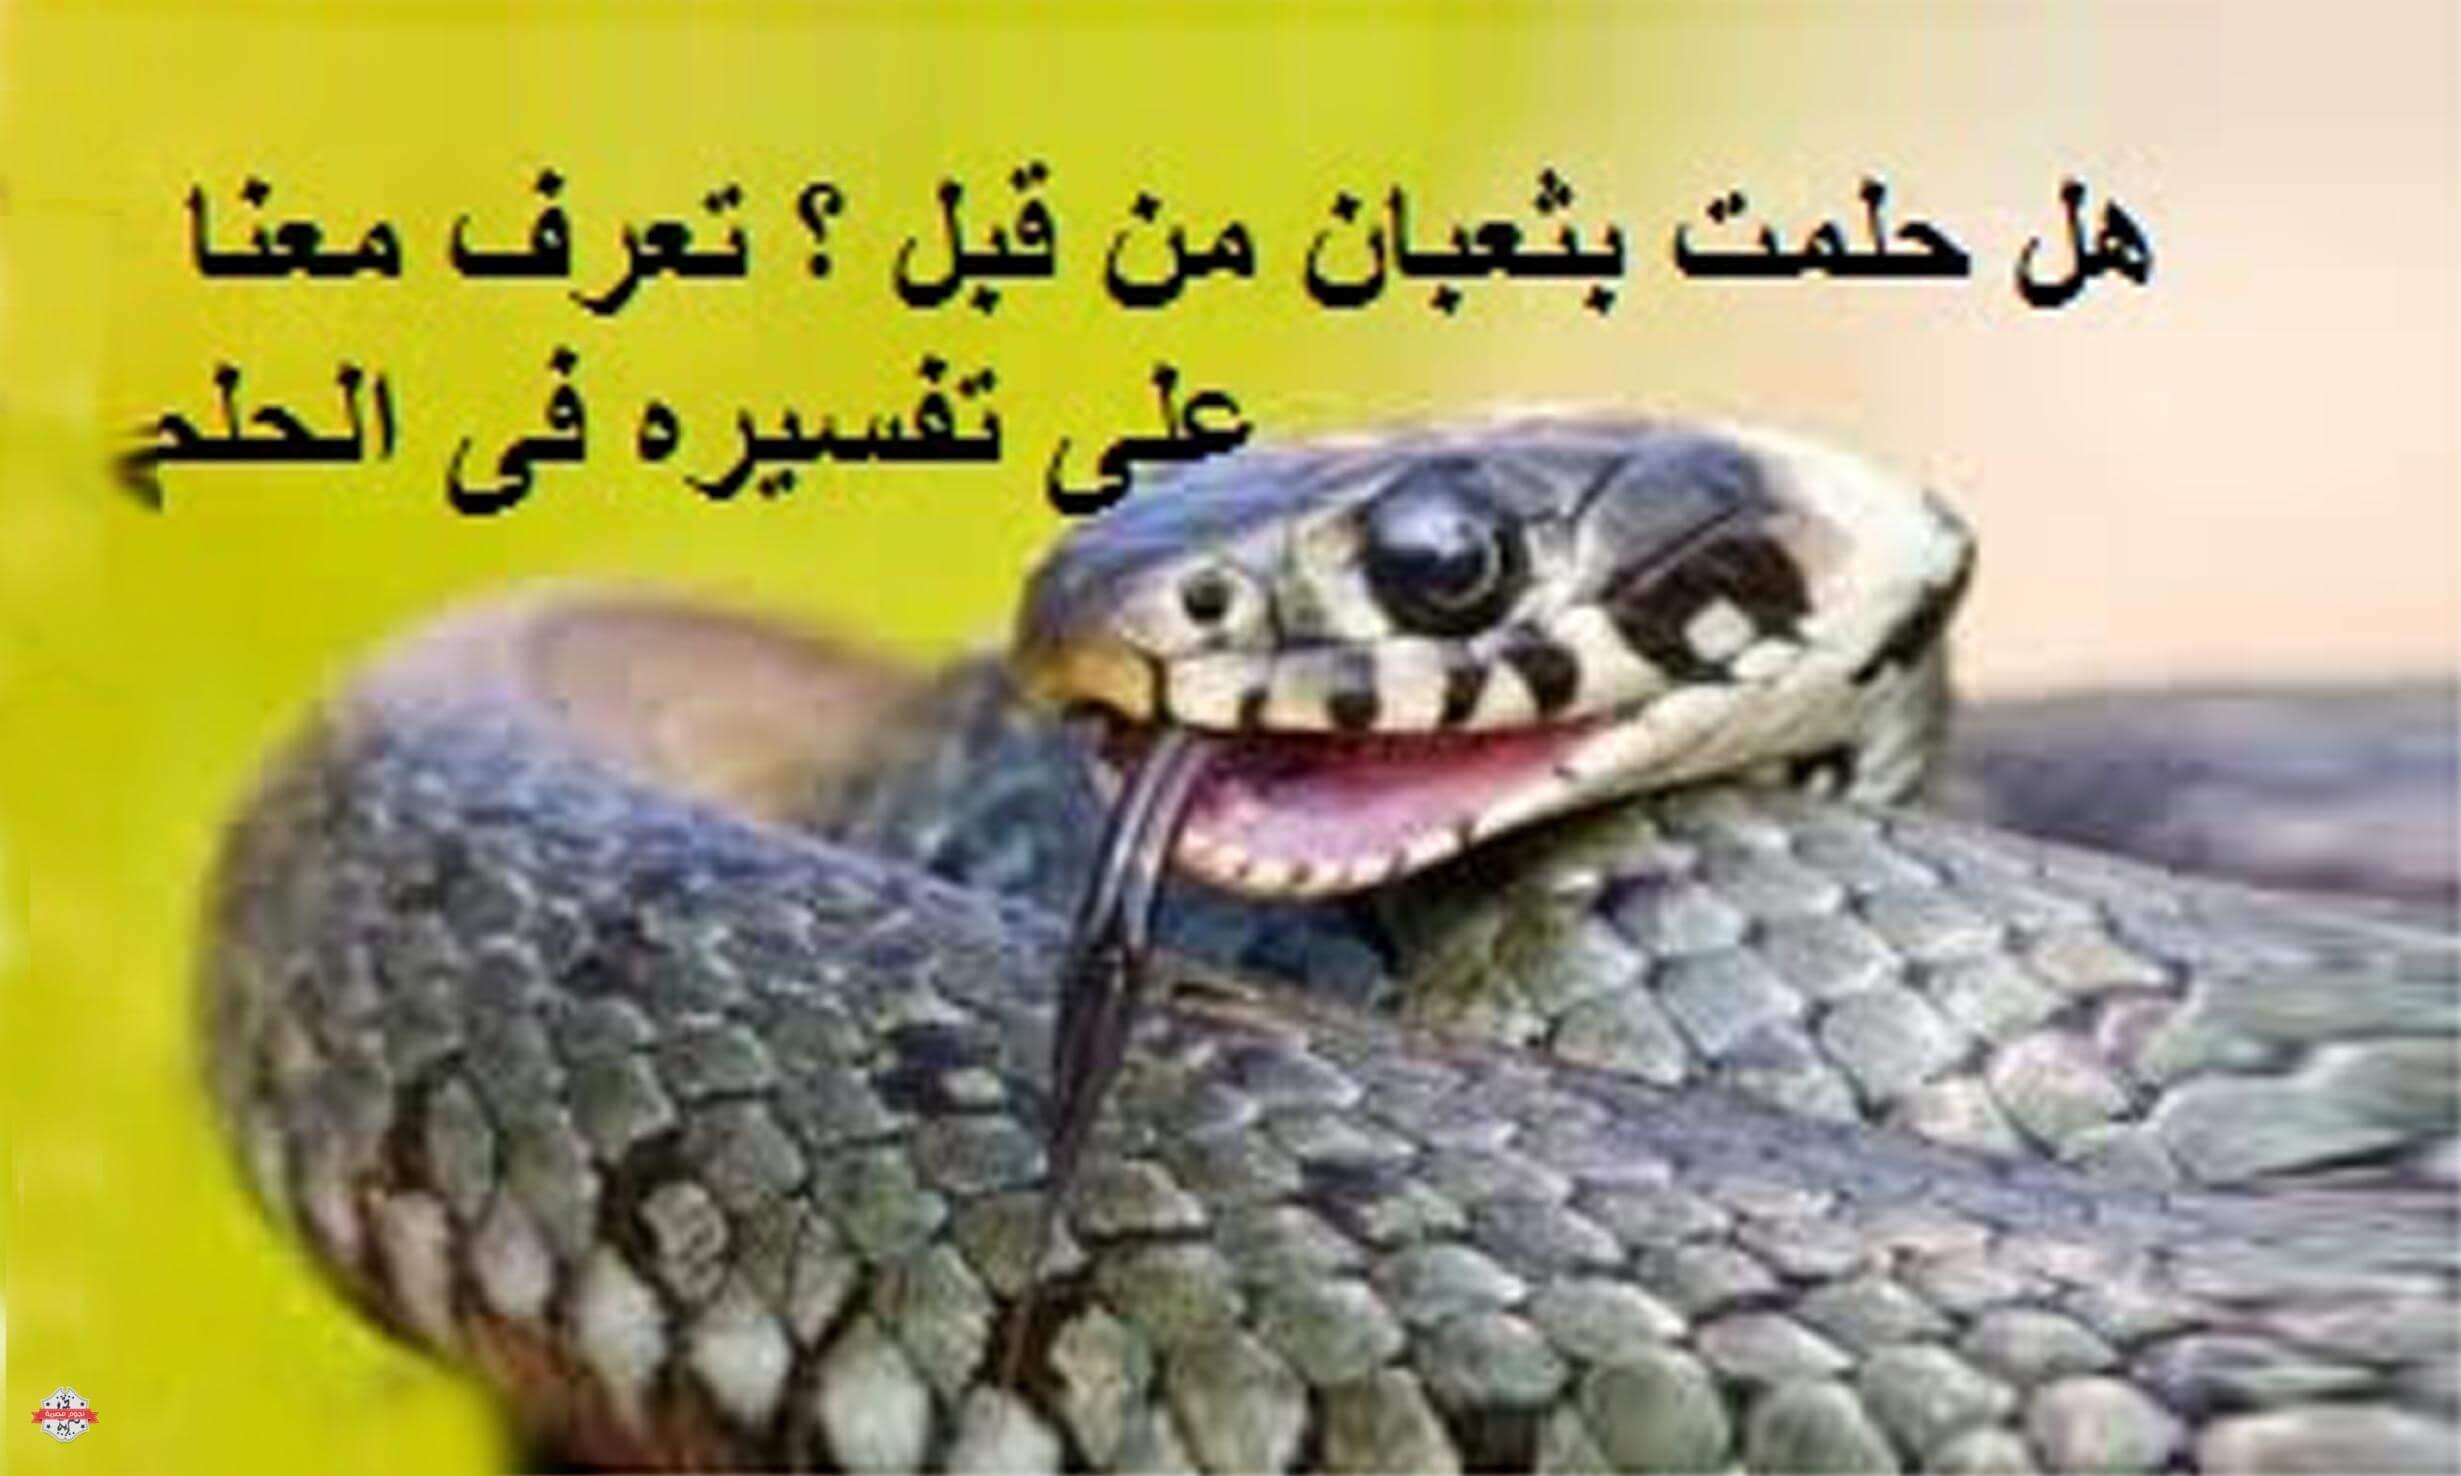 الثعابين في المنام , تفسير رؤية الثعبان ف الحلم